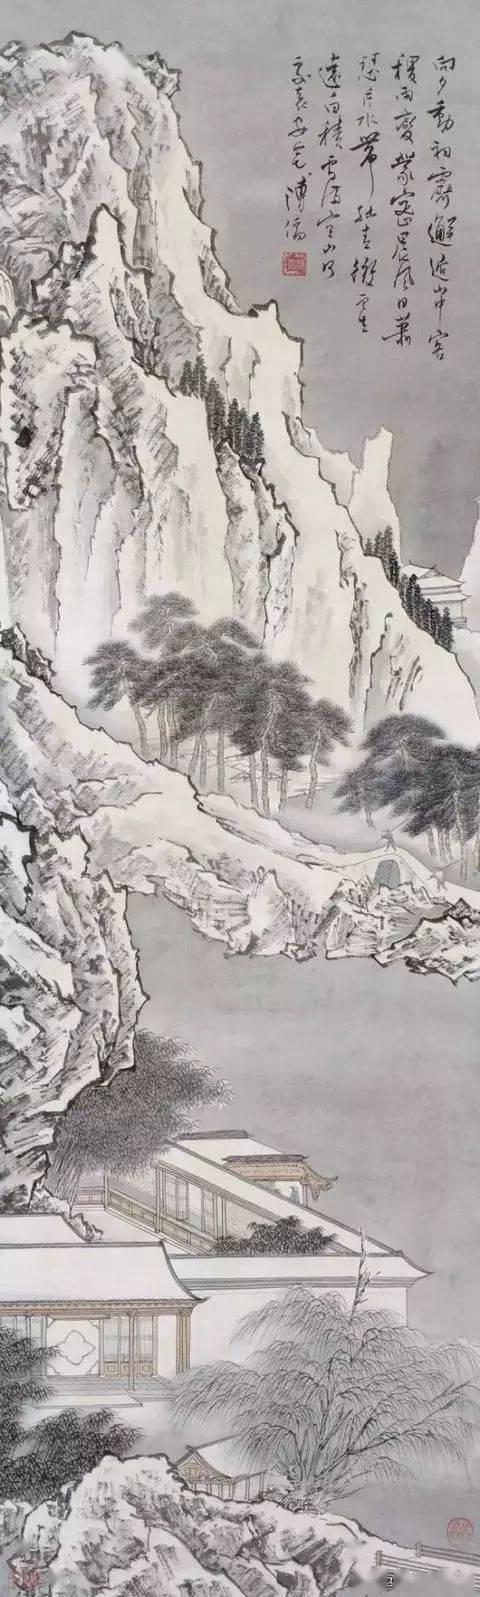 溥儒雪笔下的雪景山水,大爱